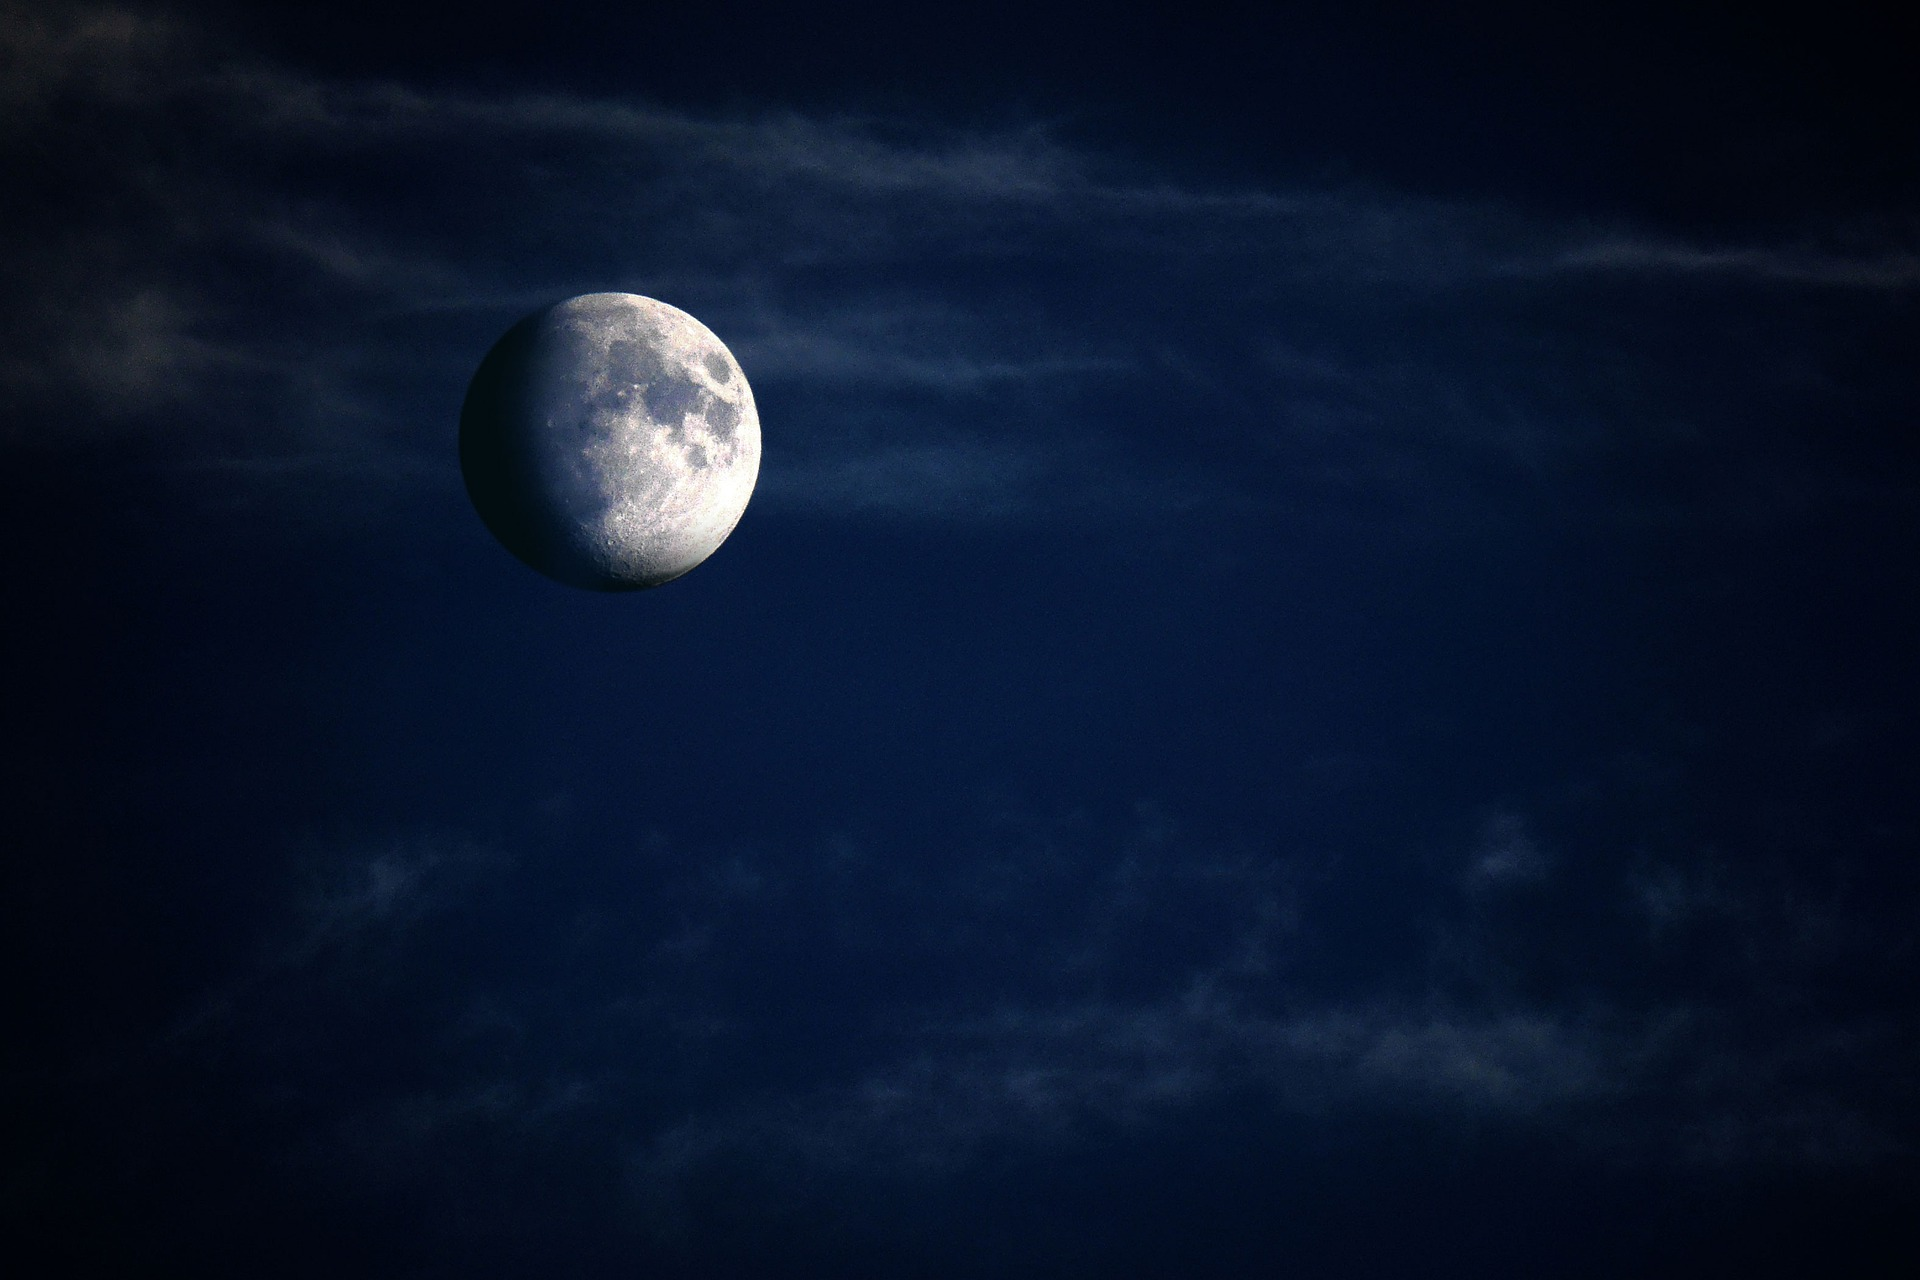 moon-5224745_1920